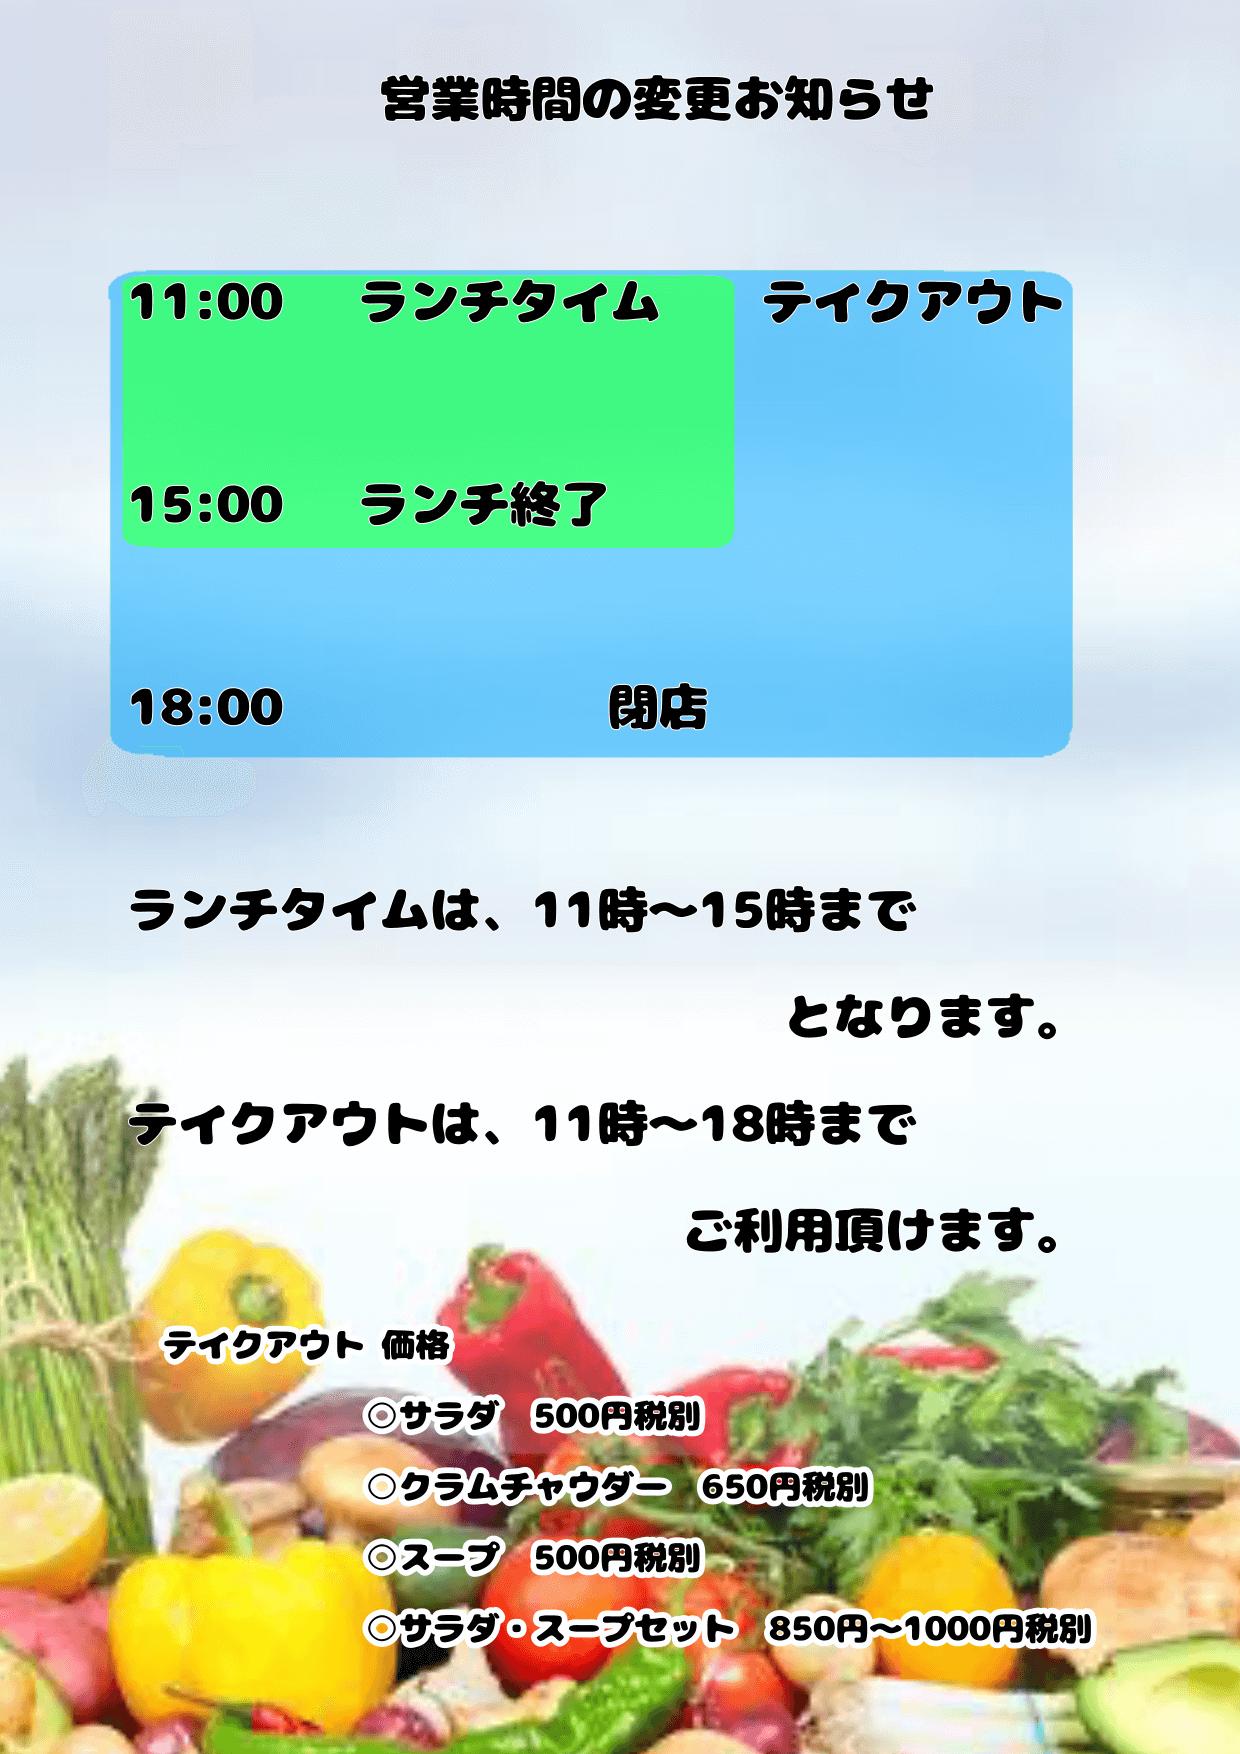 お知らせ|愛知県安城市 暮らしのお店5月9日土曜日より再開いたします。